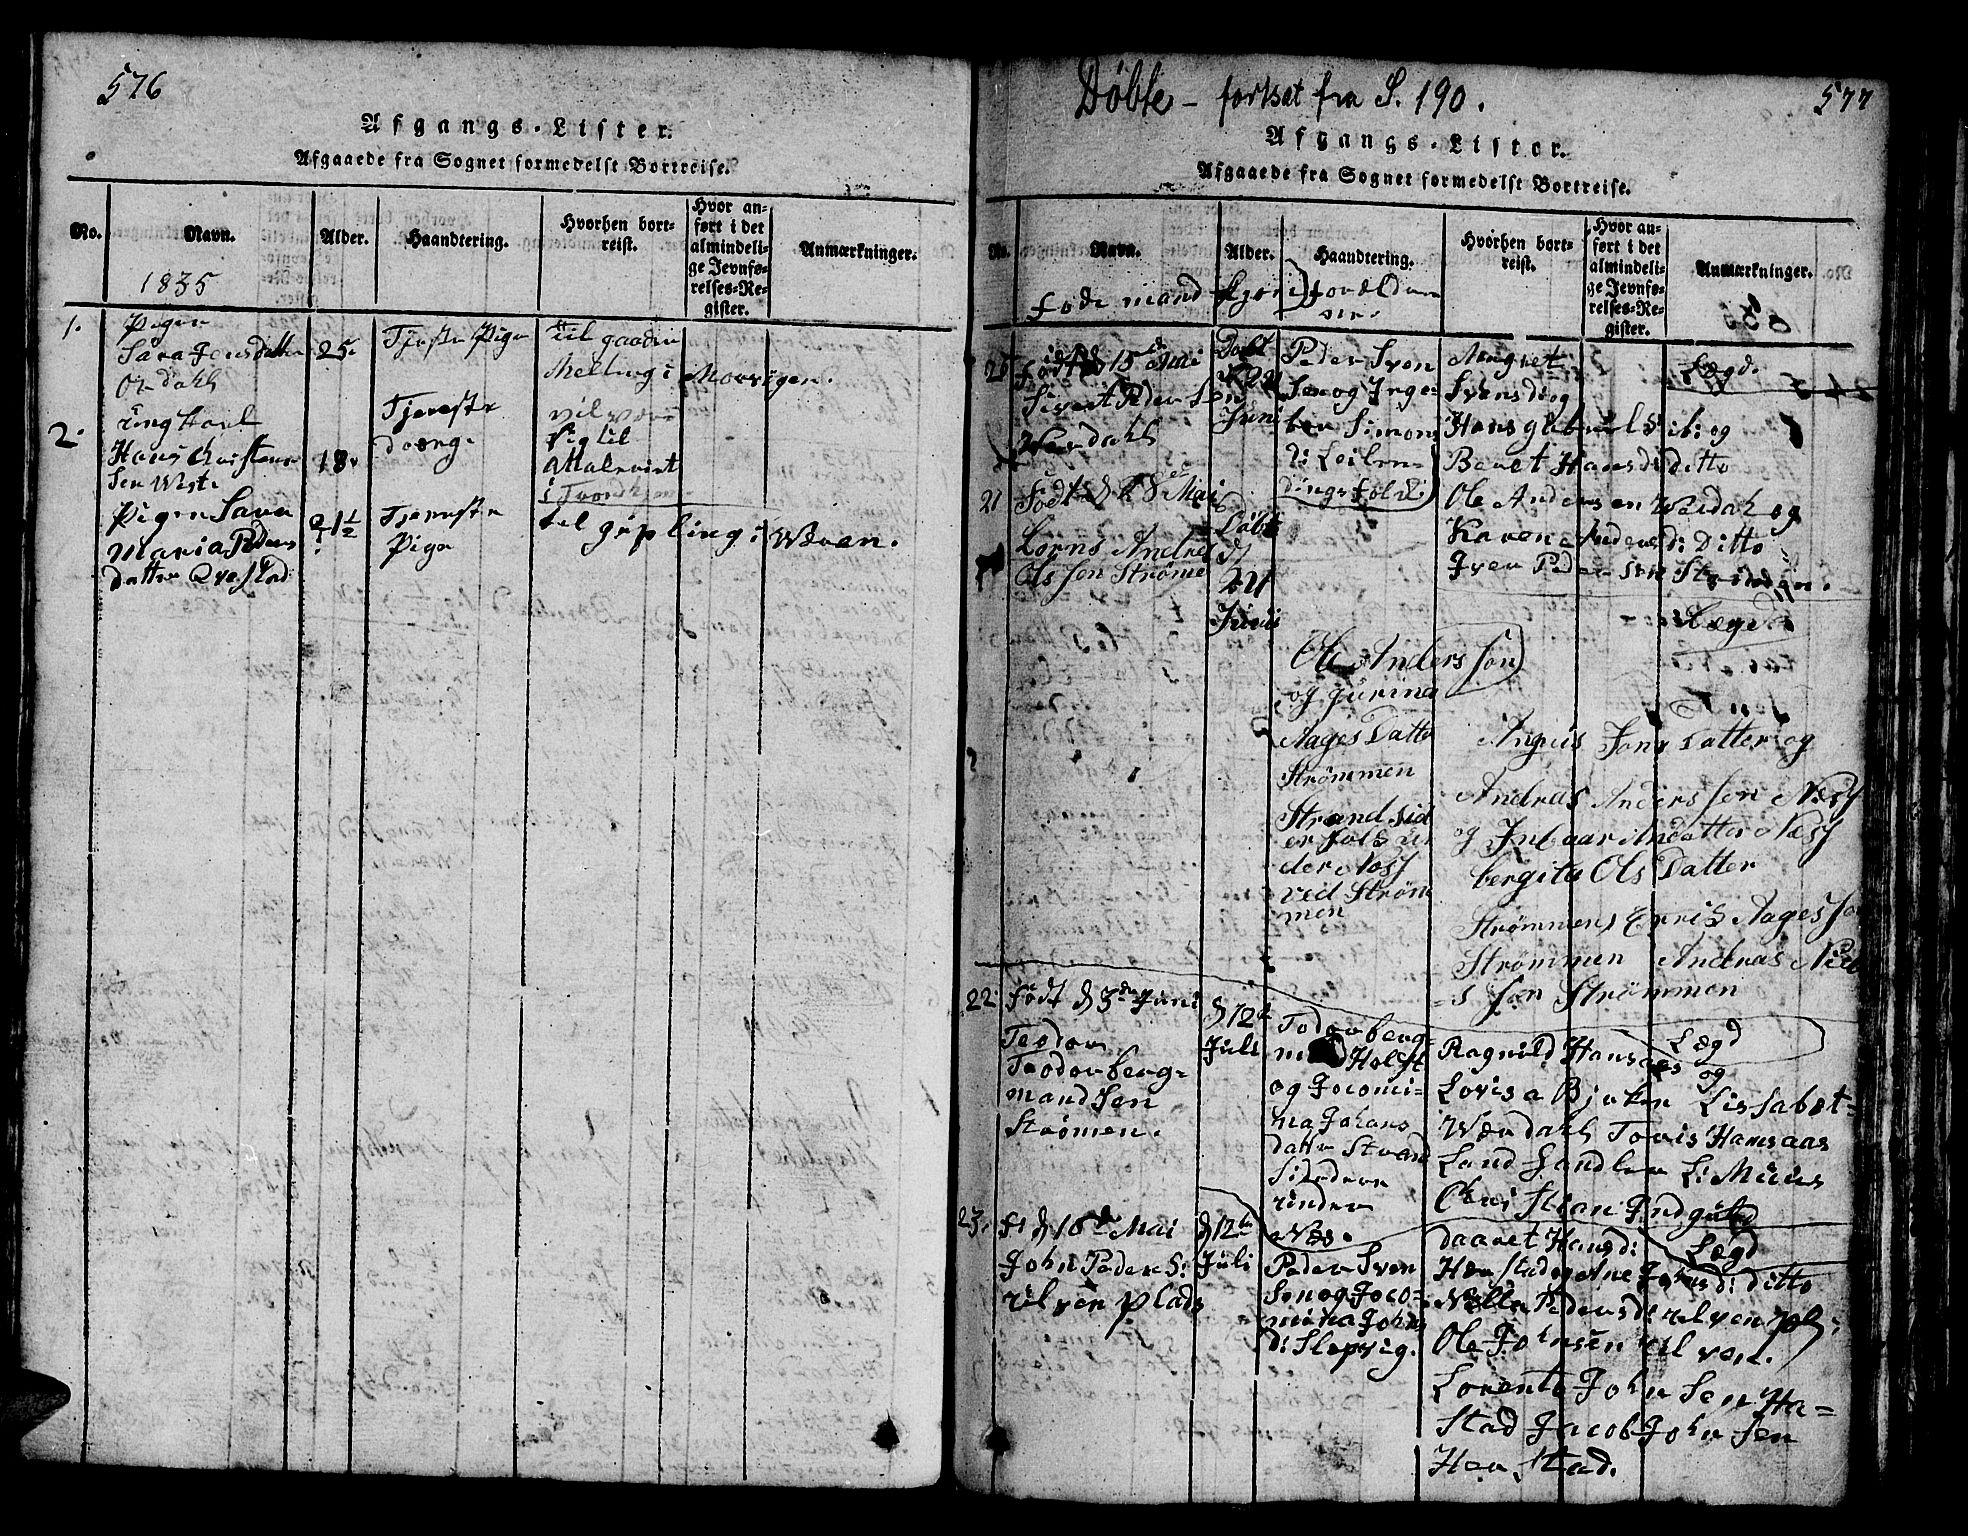 SAT, Ministerialprotokoller, klokkerbøker og fødselsregistre - Nord-Trøndelag, 730/L0298: Klokkerbok nr. 730C01, 1816-1849, s. 576-577